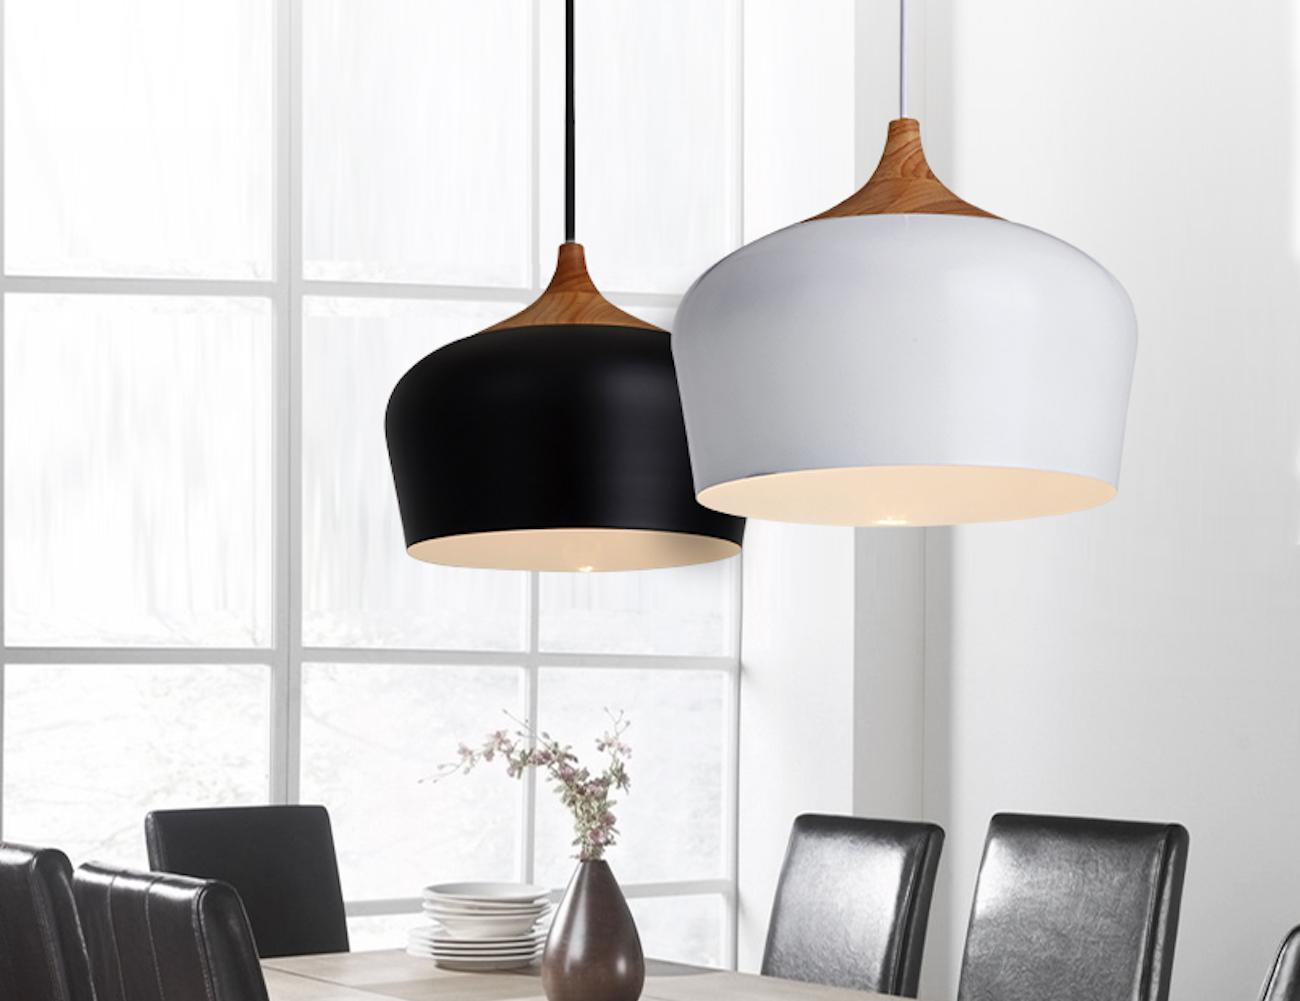 nordic lighting. Nordic Lighting. Design Lighting H Y